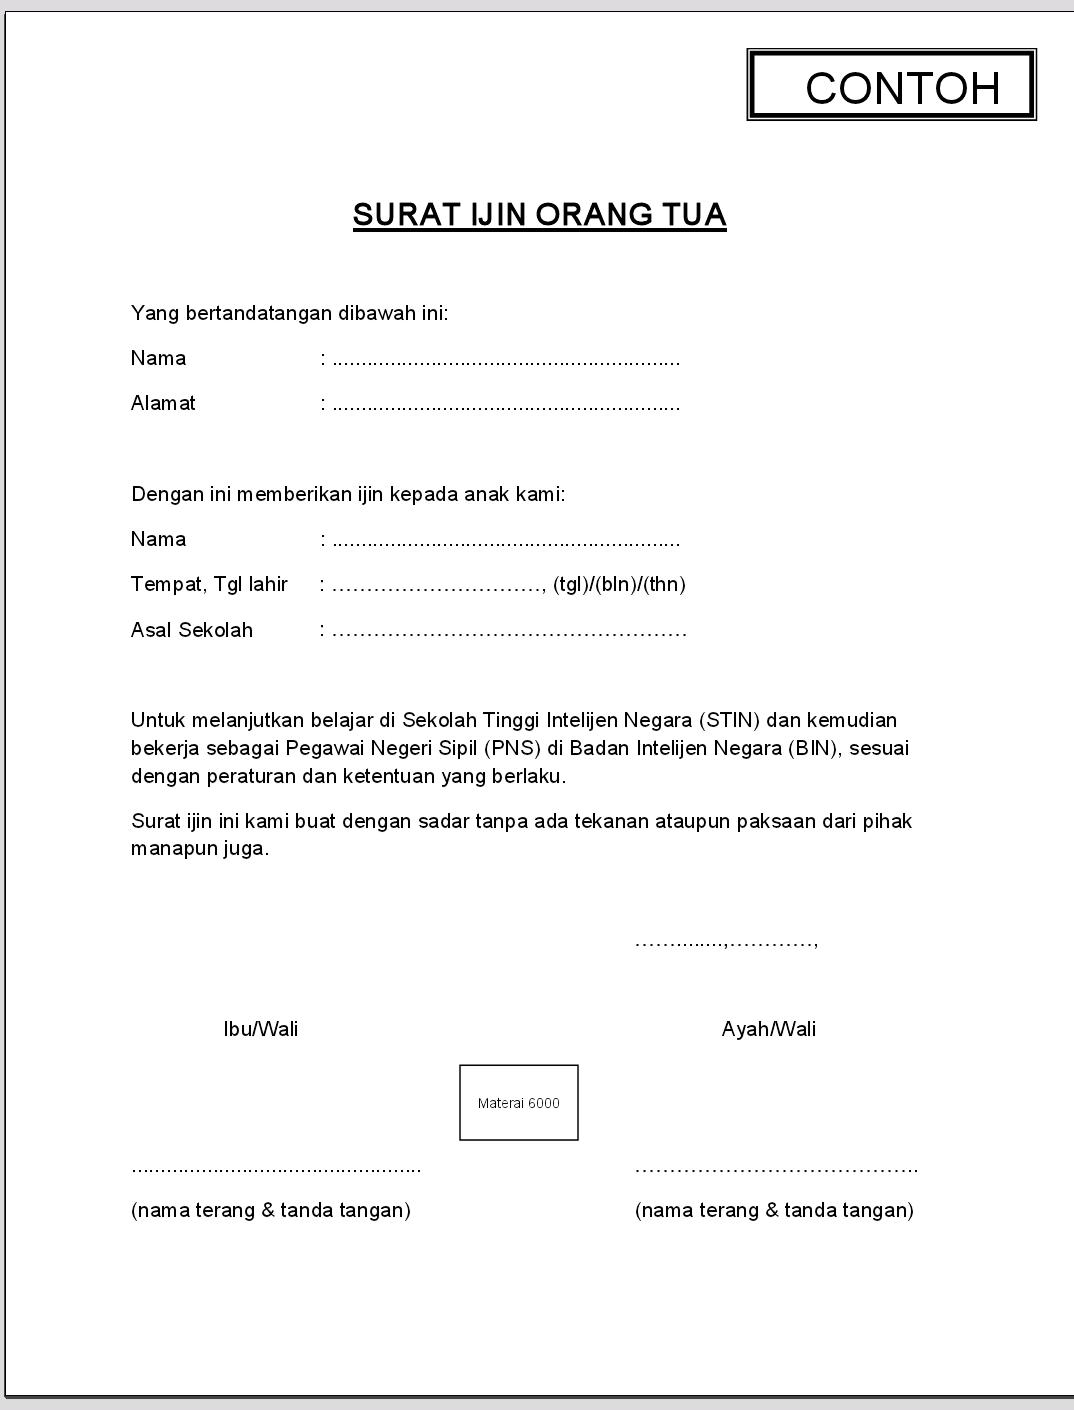 Contoh Surat Ijin Orang Tua Indomaret